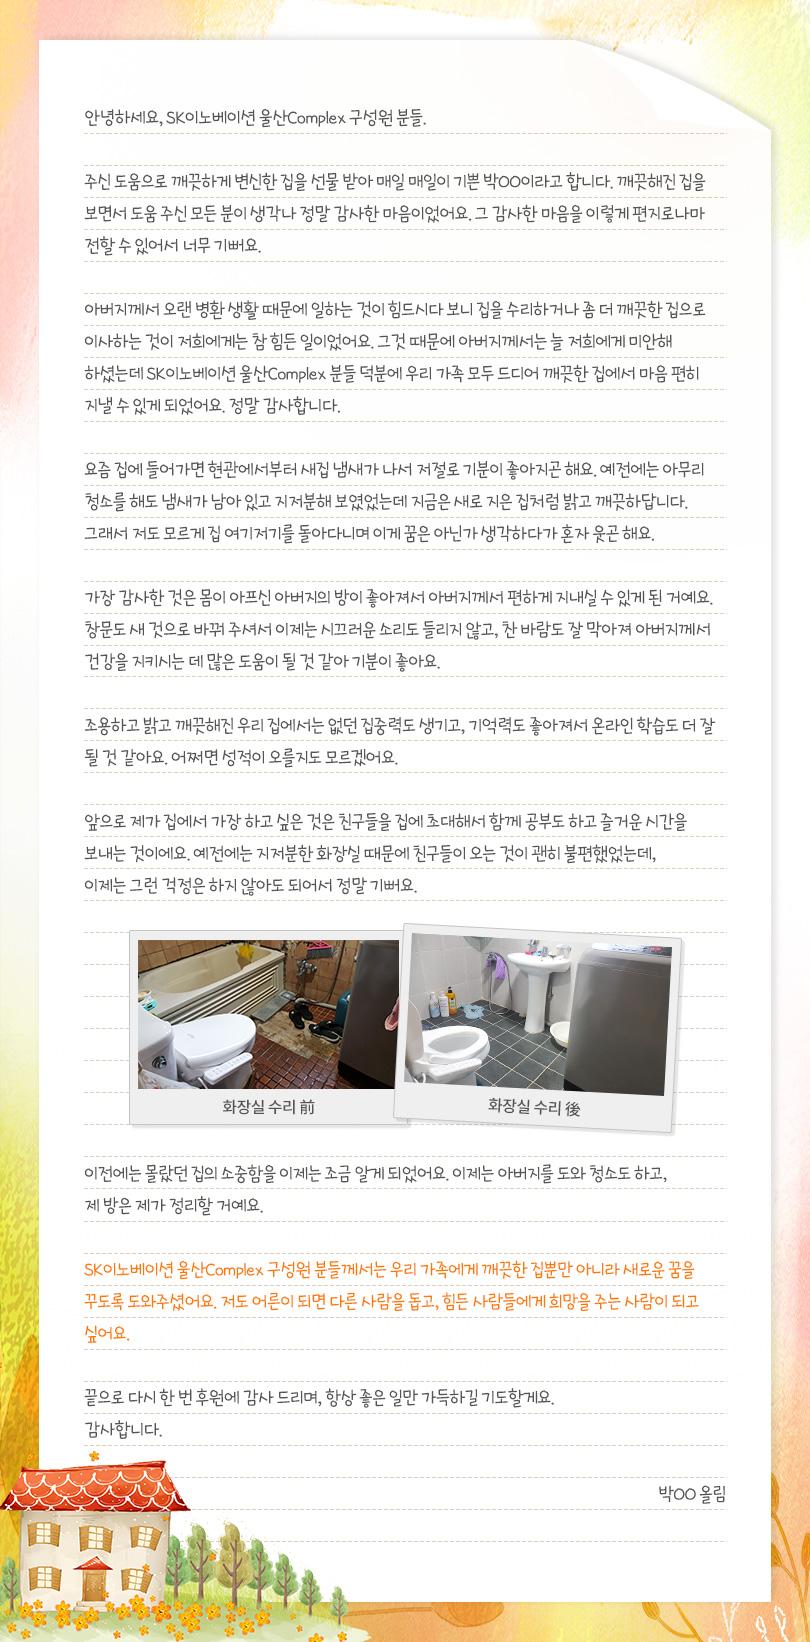 울산CLX_사랑의집수리_편지1